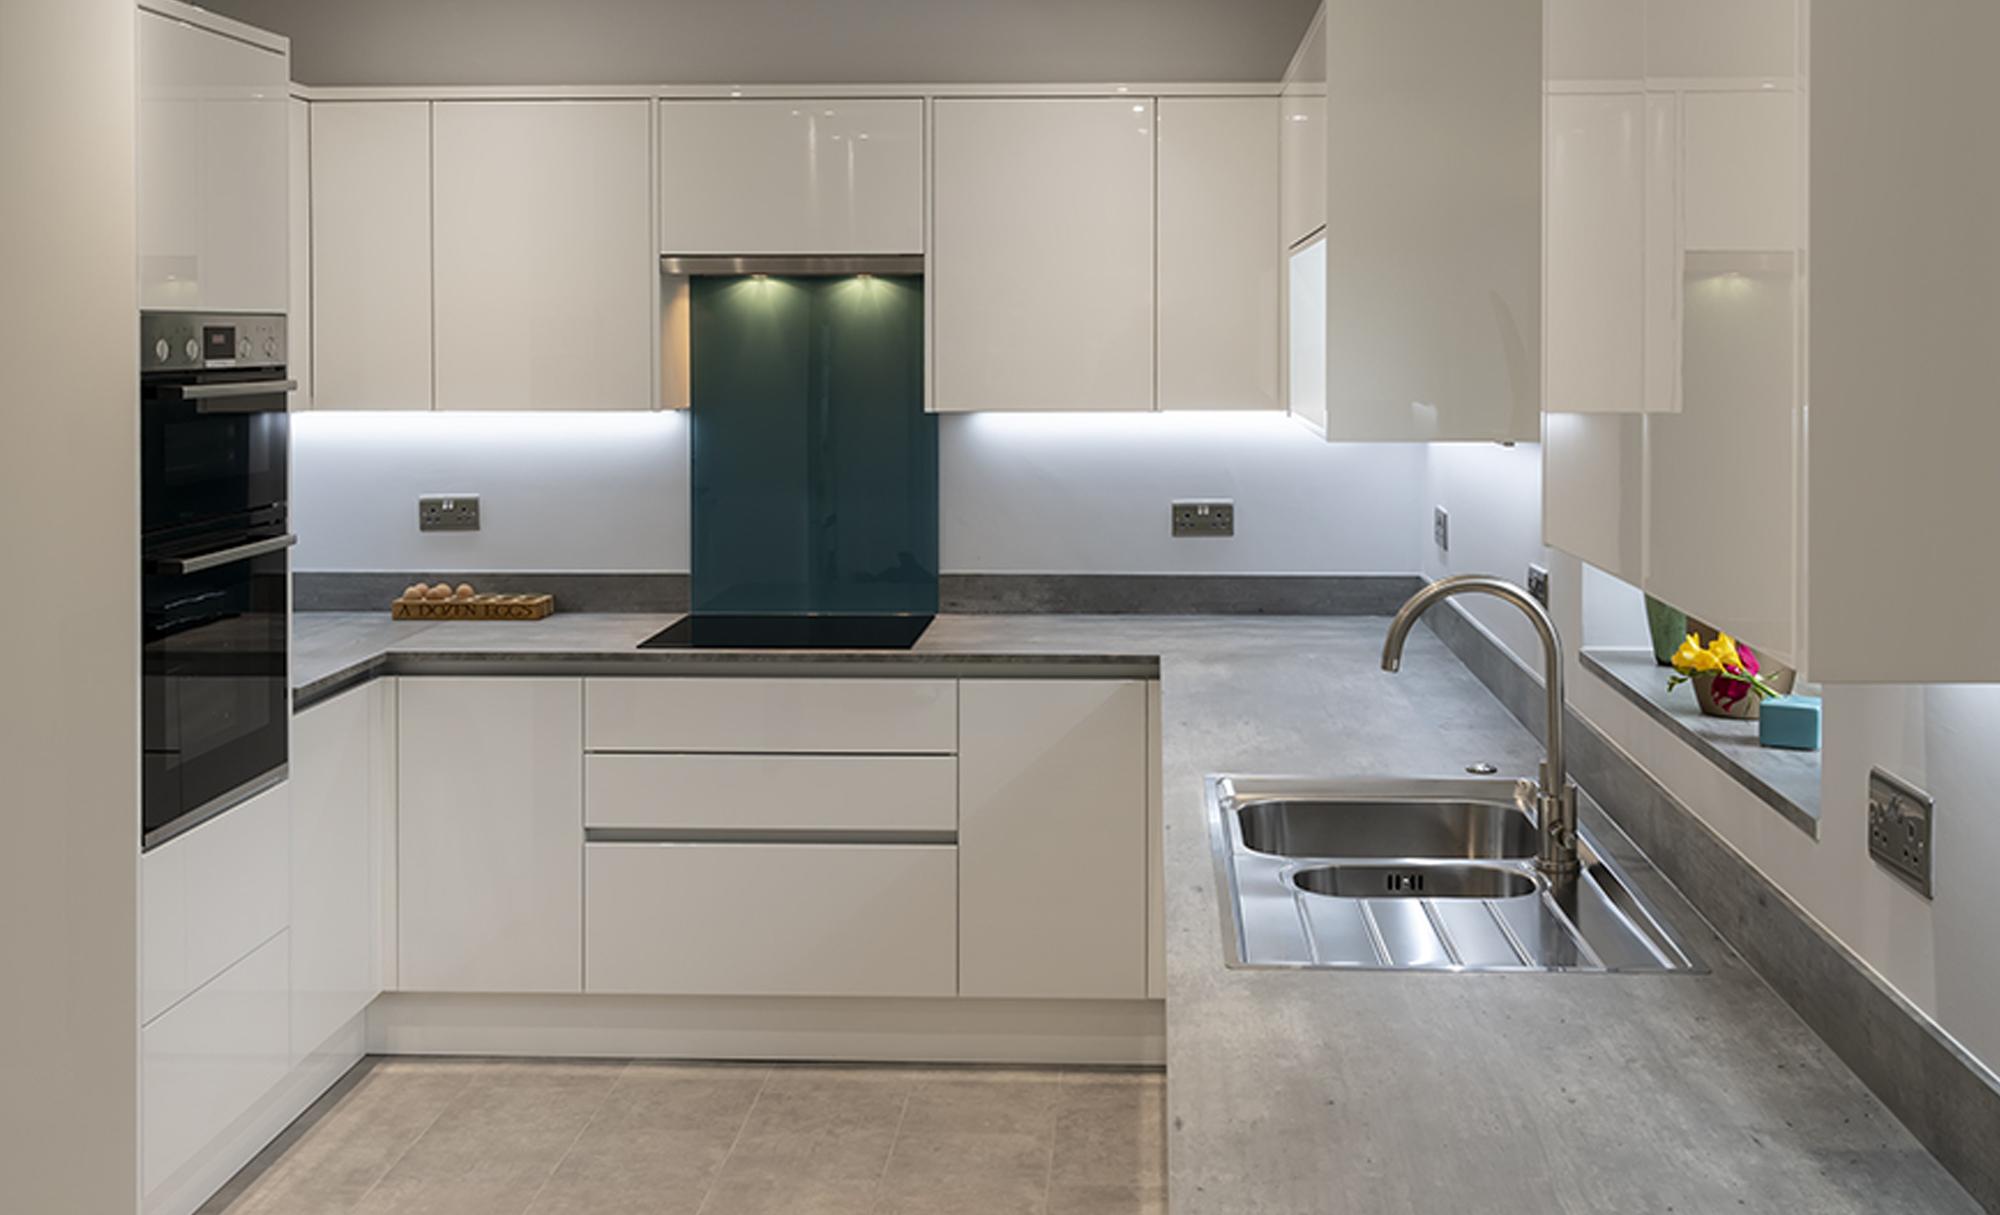 Portishead Zola Gloss White Kitchen for Mr & Mrs Huddart of Bristol